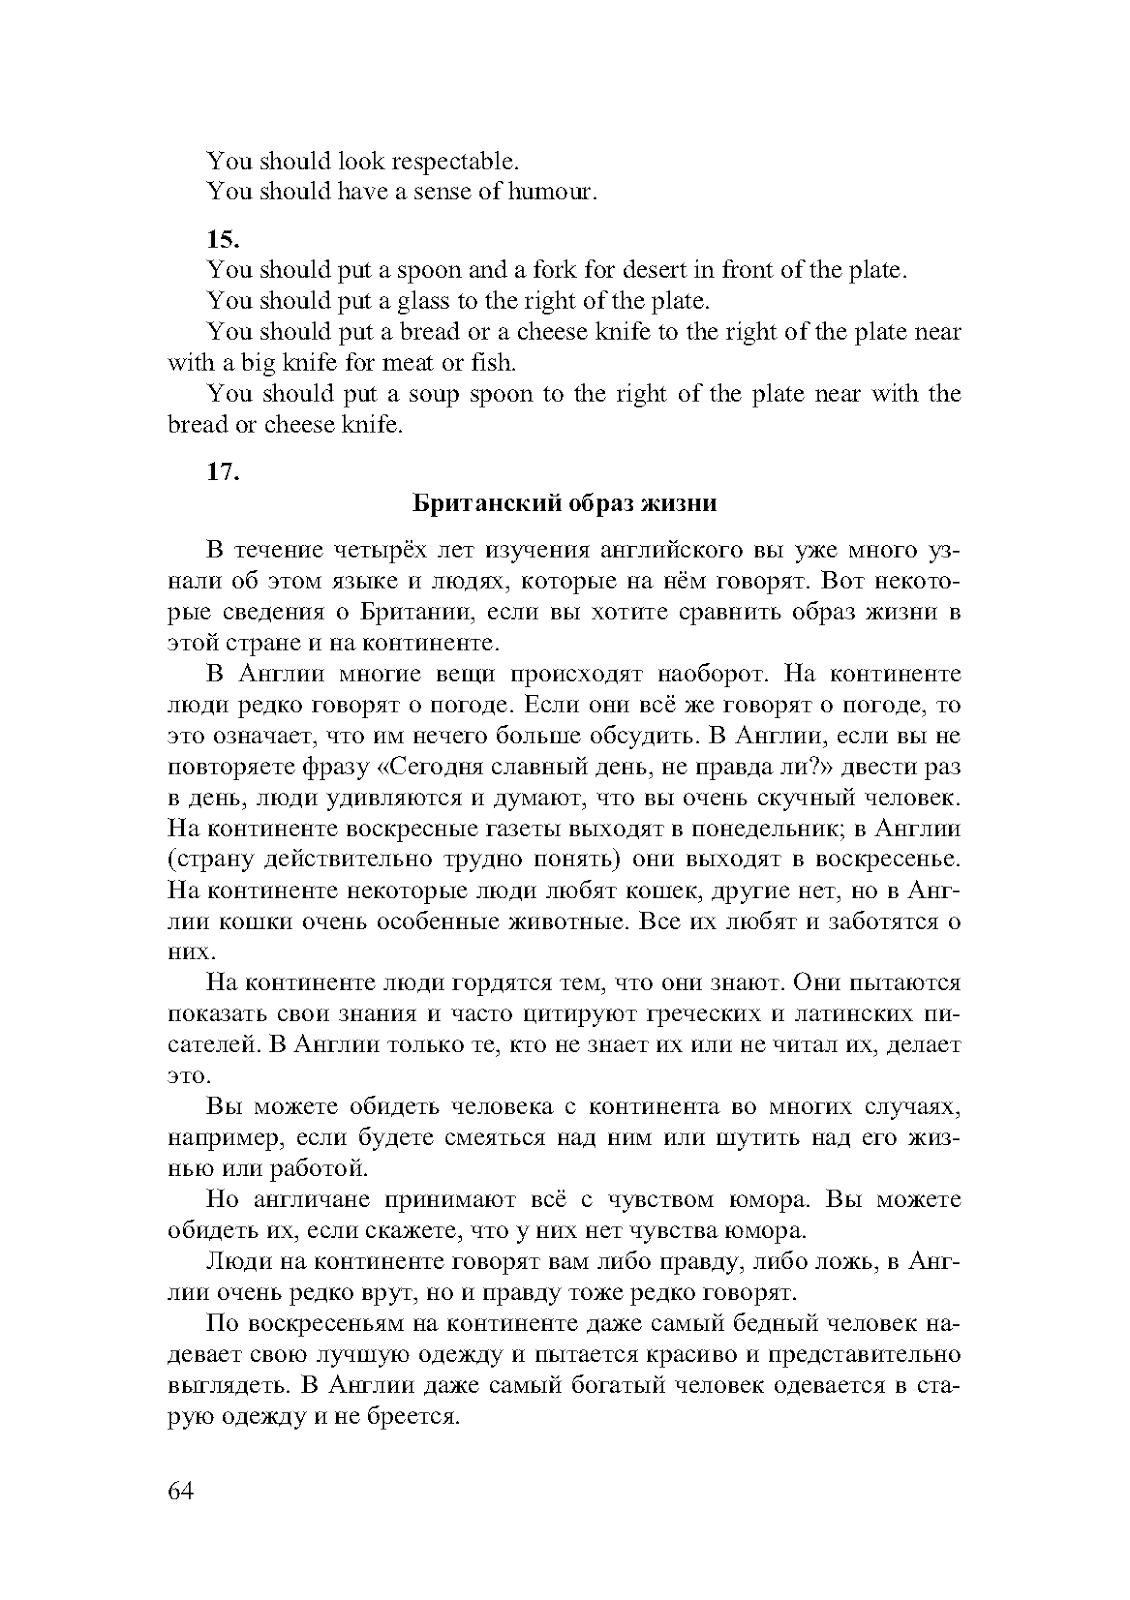 Решебник по английскому 6 класс никольский